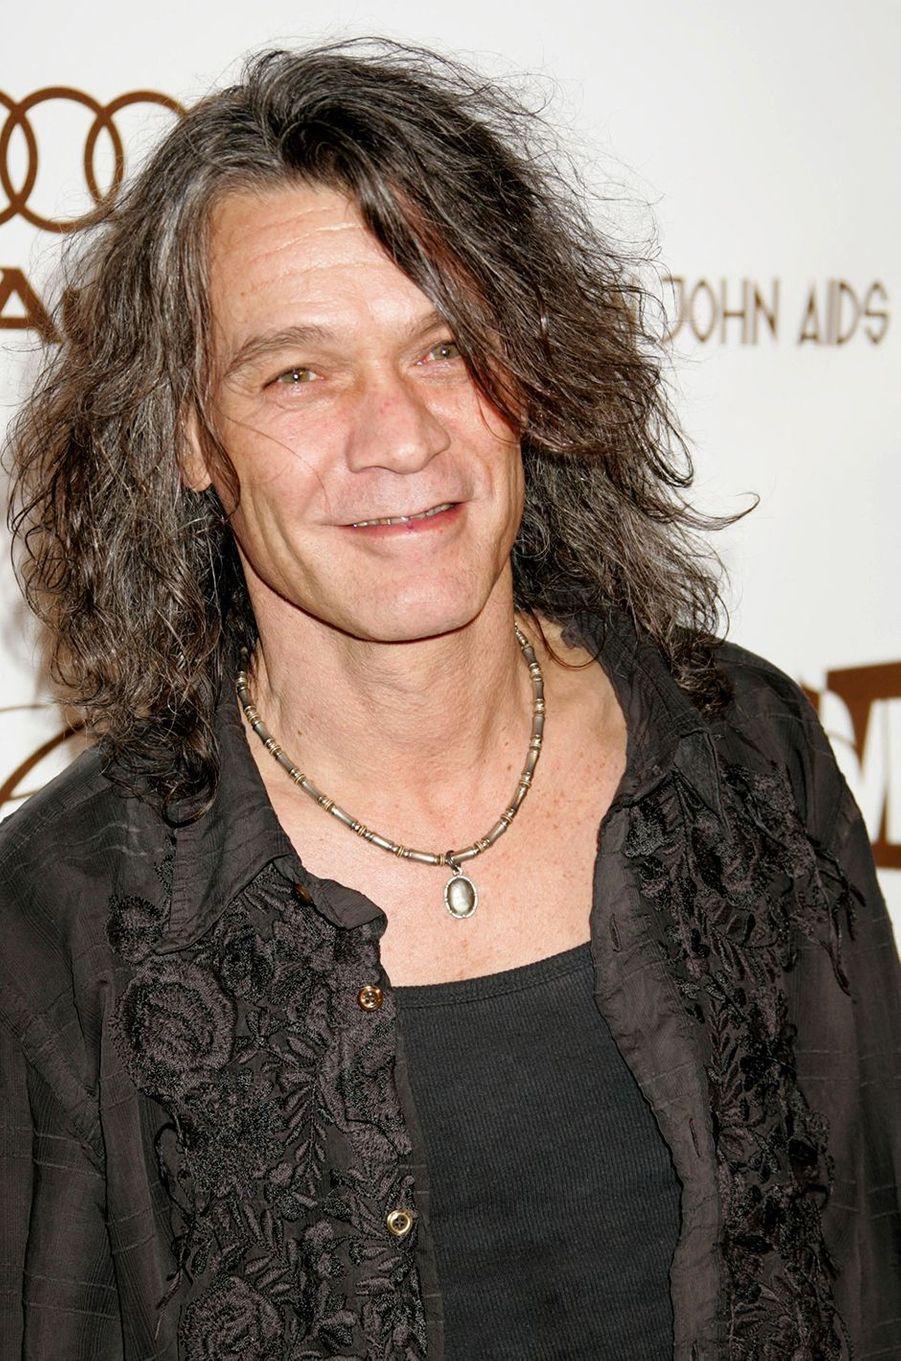 Tendances monde (10e) : Eddie Van Halen figure dans le Top 10 des personnalités disparues les plus recherchées sur Google en 2020